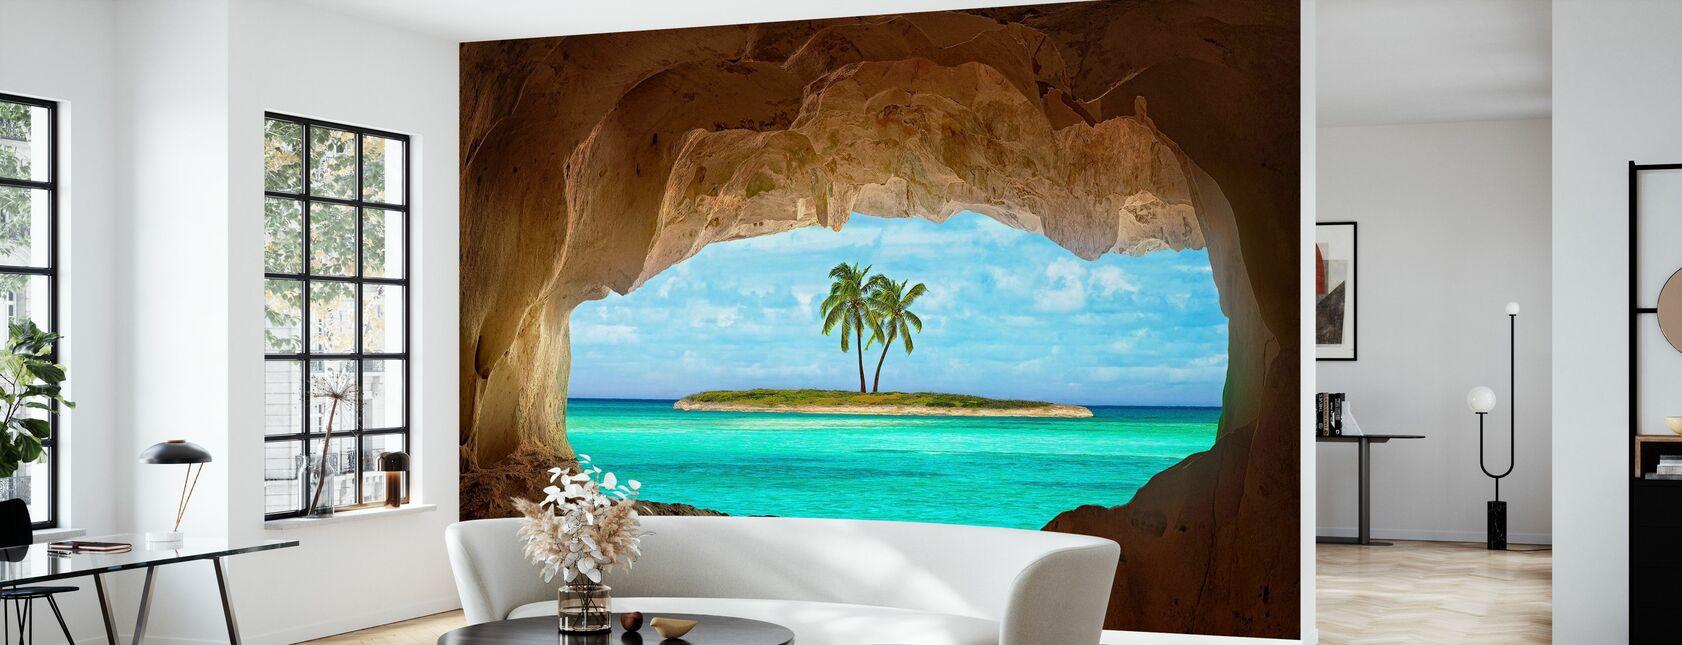 Paradis gjennom vinduet - Tapet - Stue